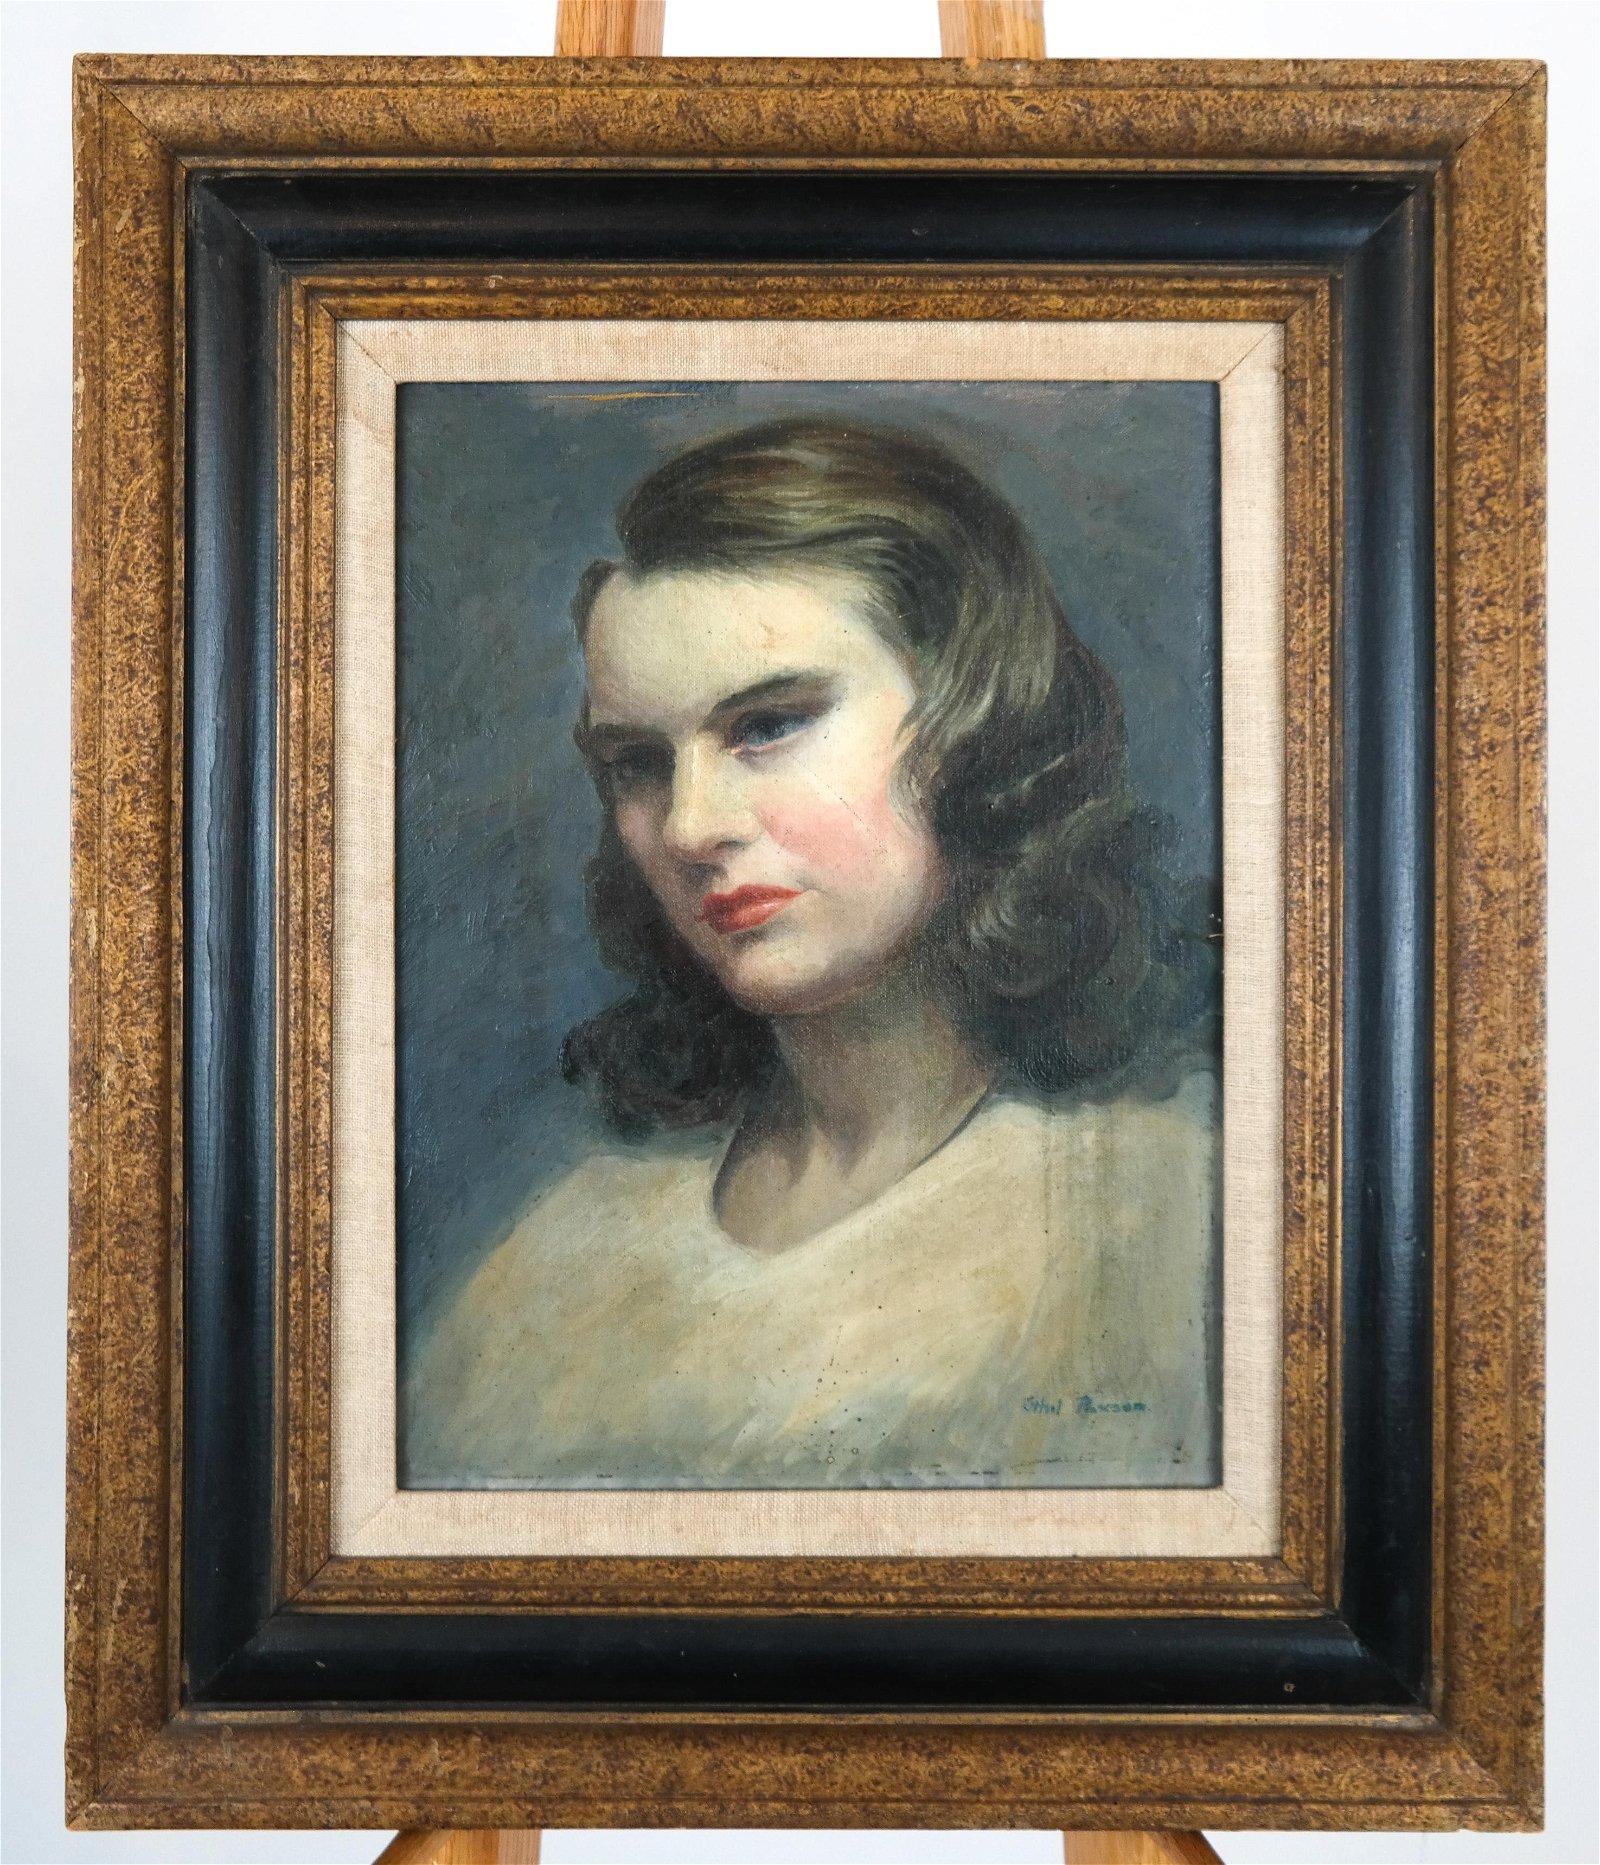 Ethel PAXSON: Portrait Woman